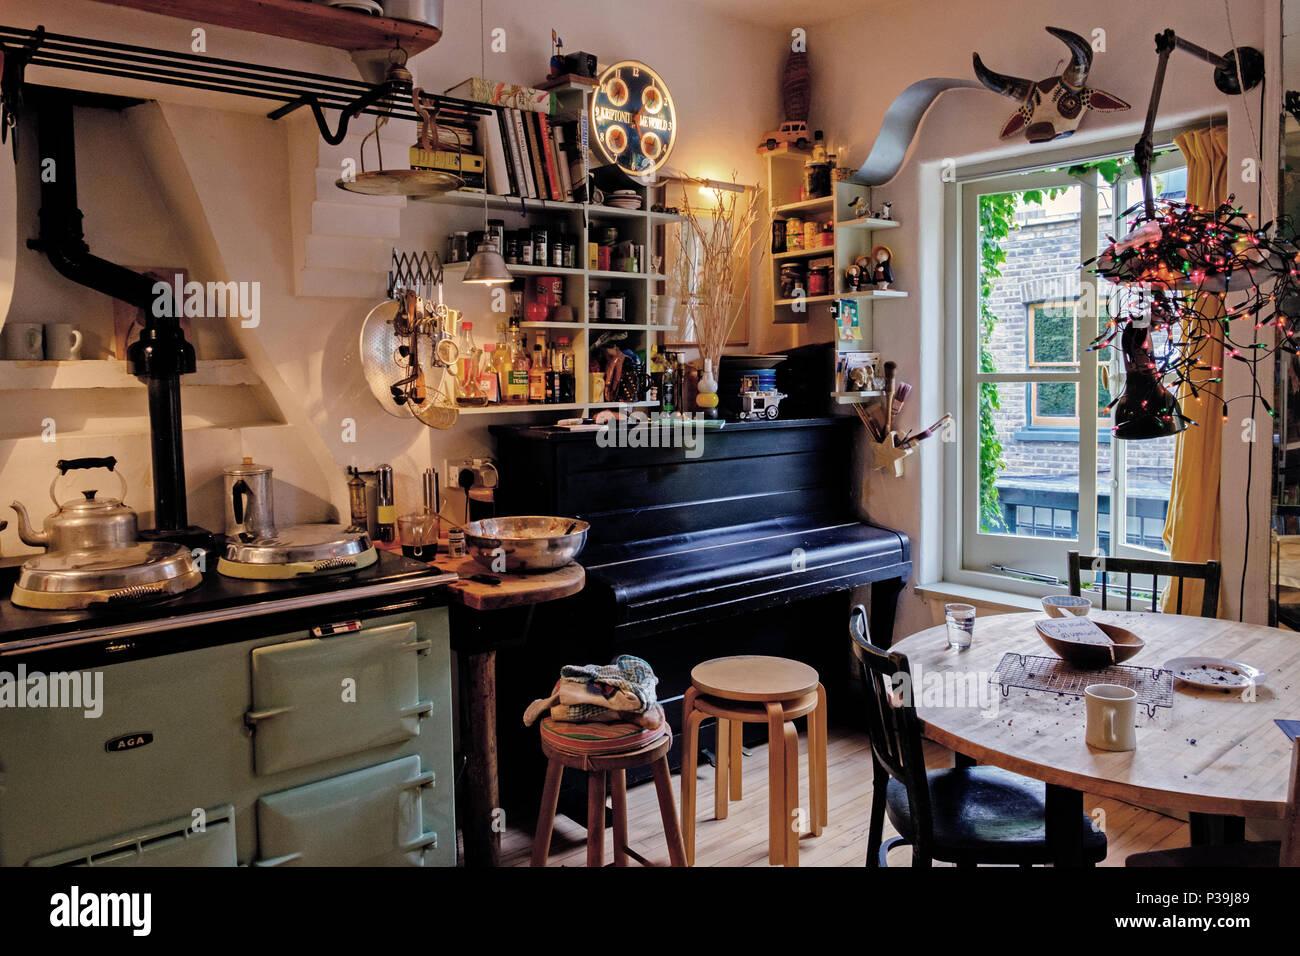 Cucina con ripiani aperti retro aga cooker tavolo da cucina